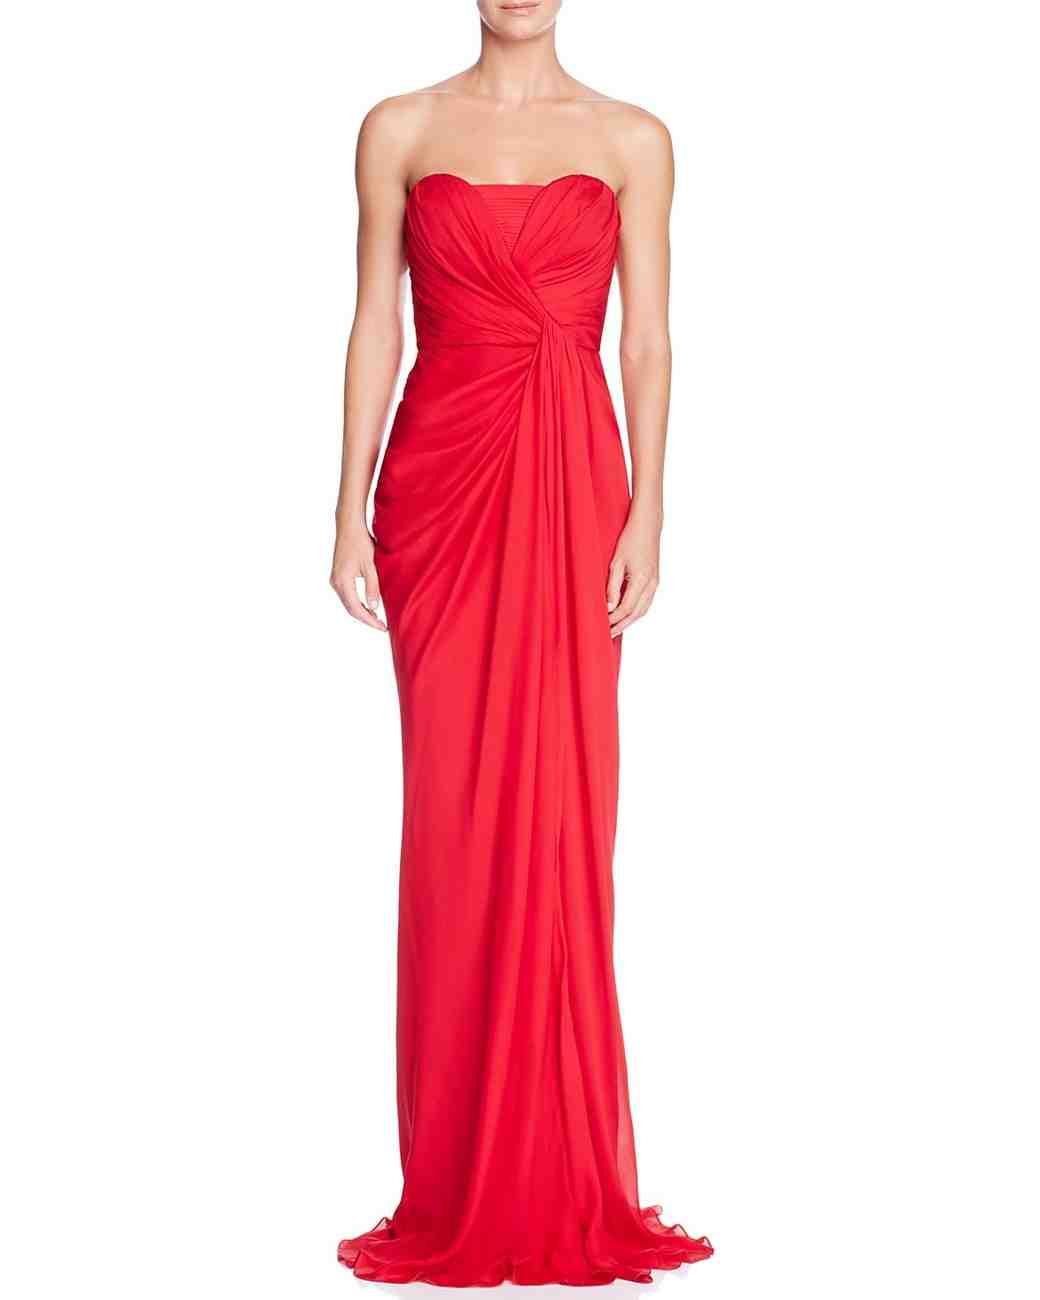 red bridesmaid dress badgley mischka silk strapless